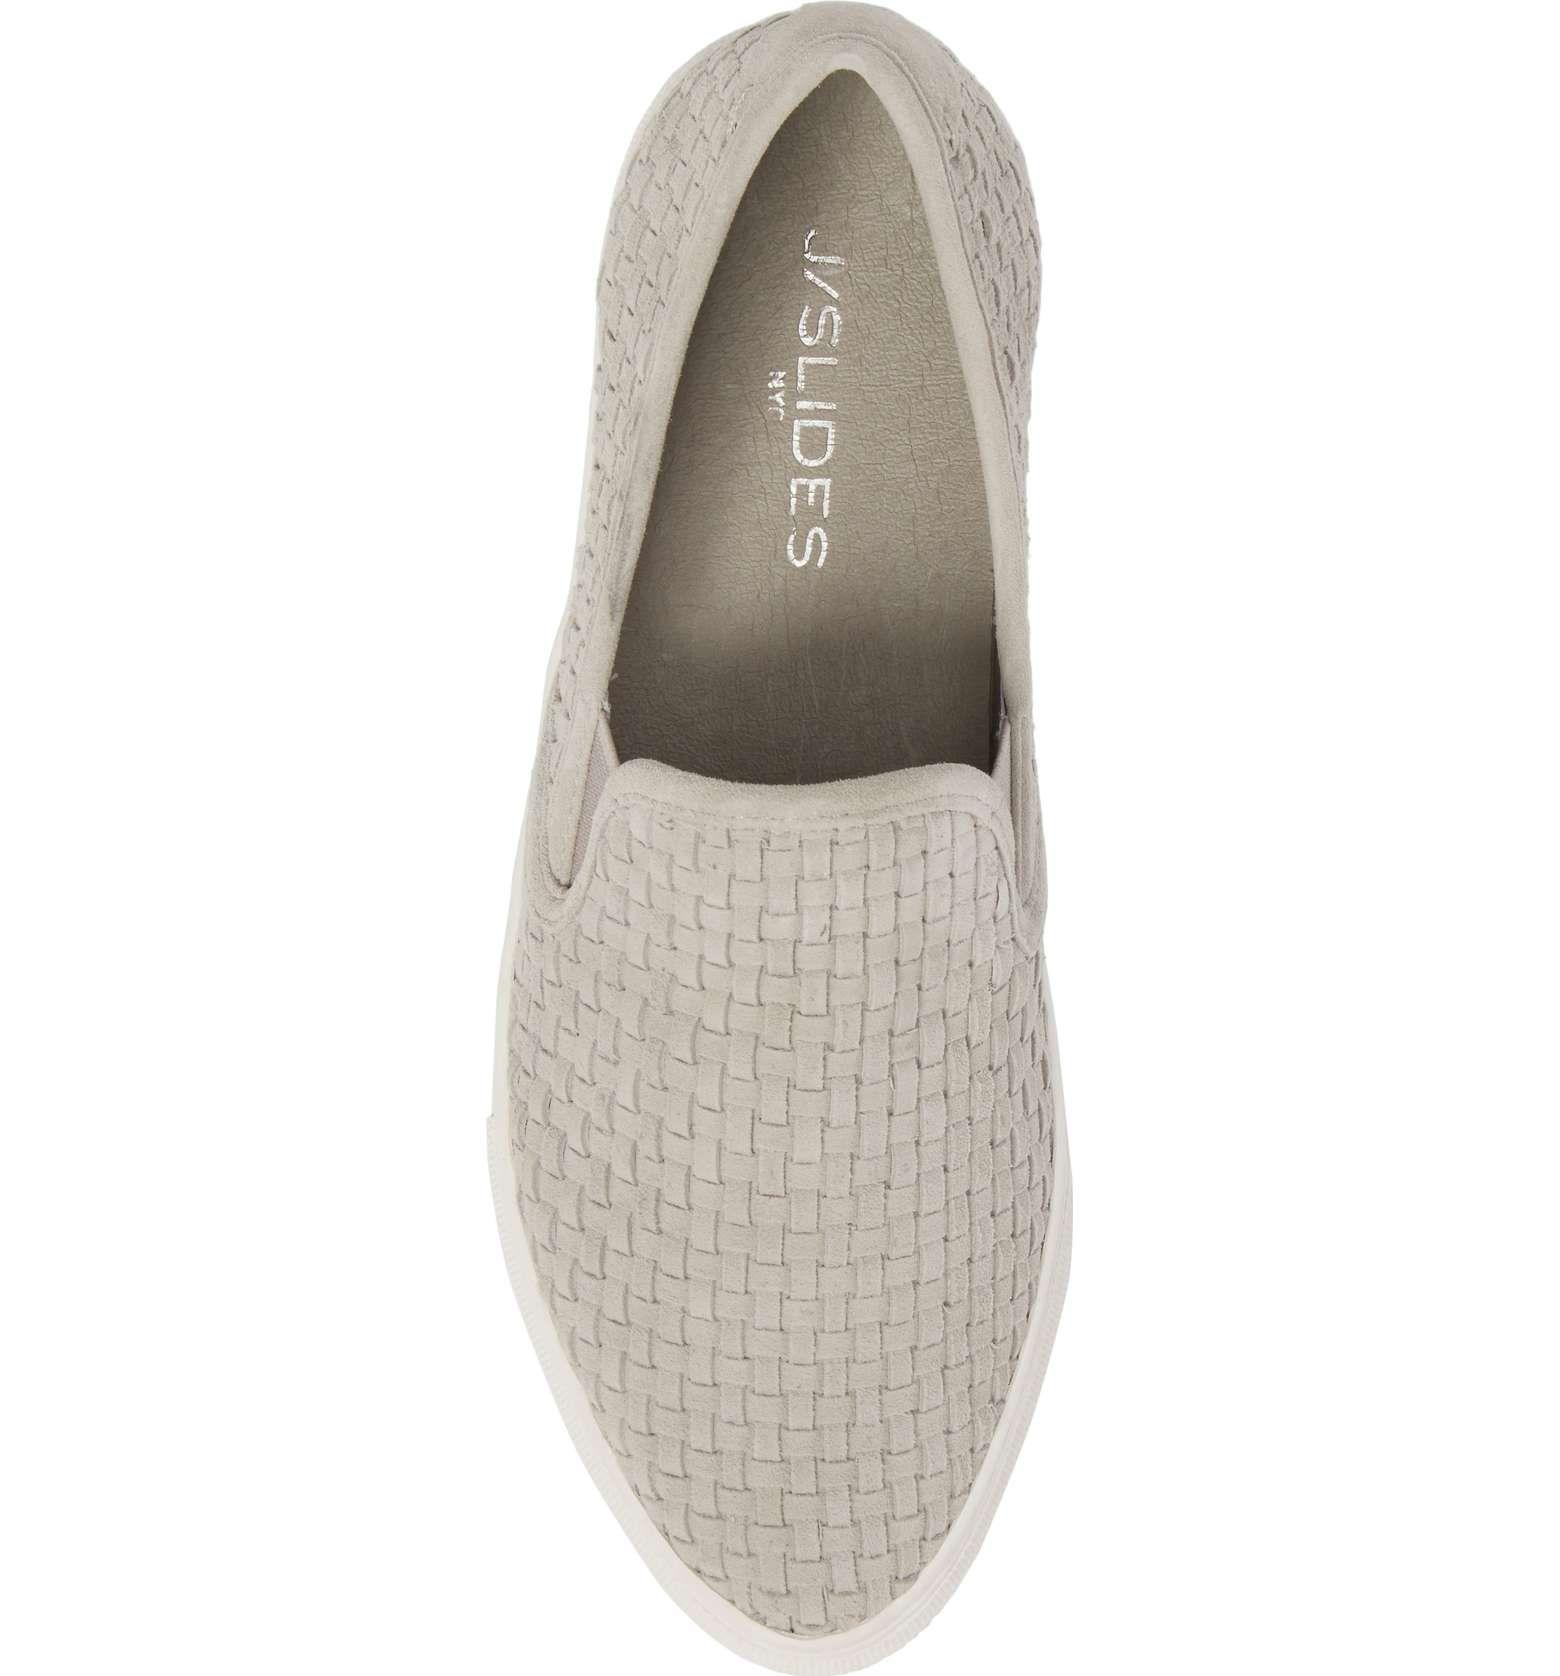 JSlides Flynn Slip-On Sneaker (Women